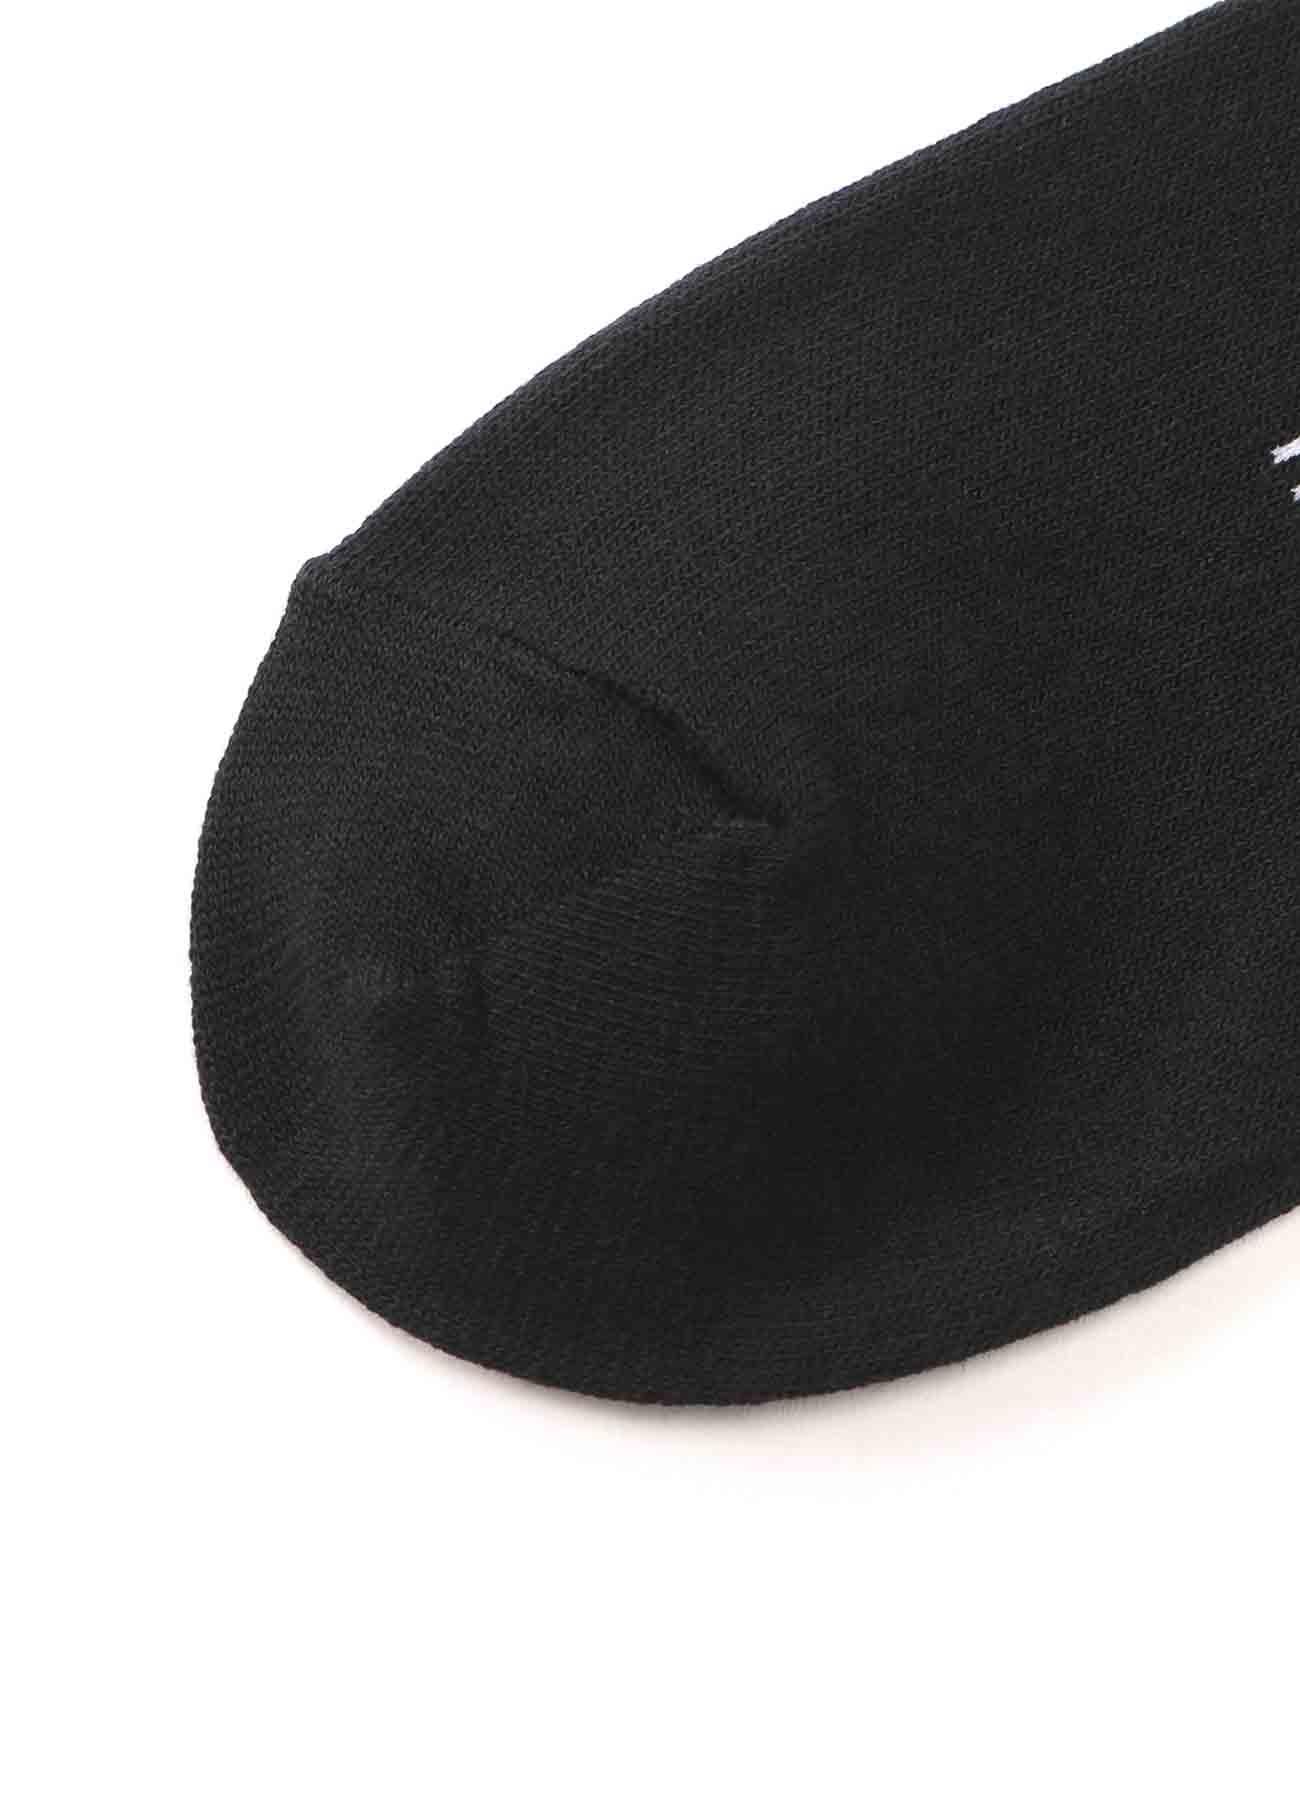 Cotton Plain Stitch「Black Is Modest」Line Socks